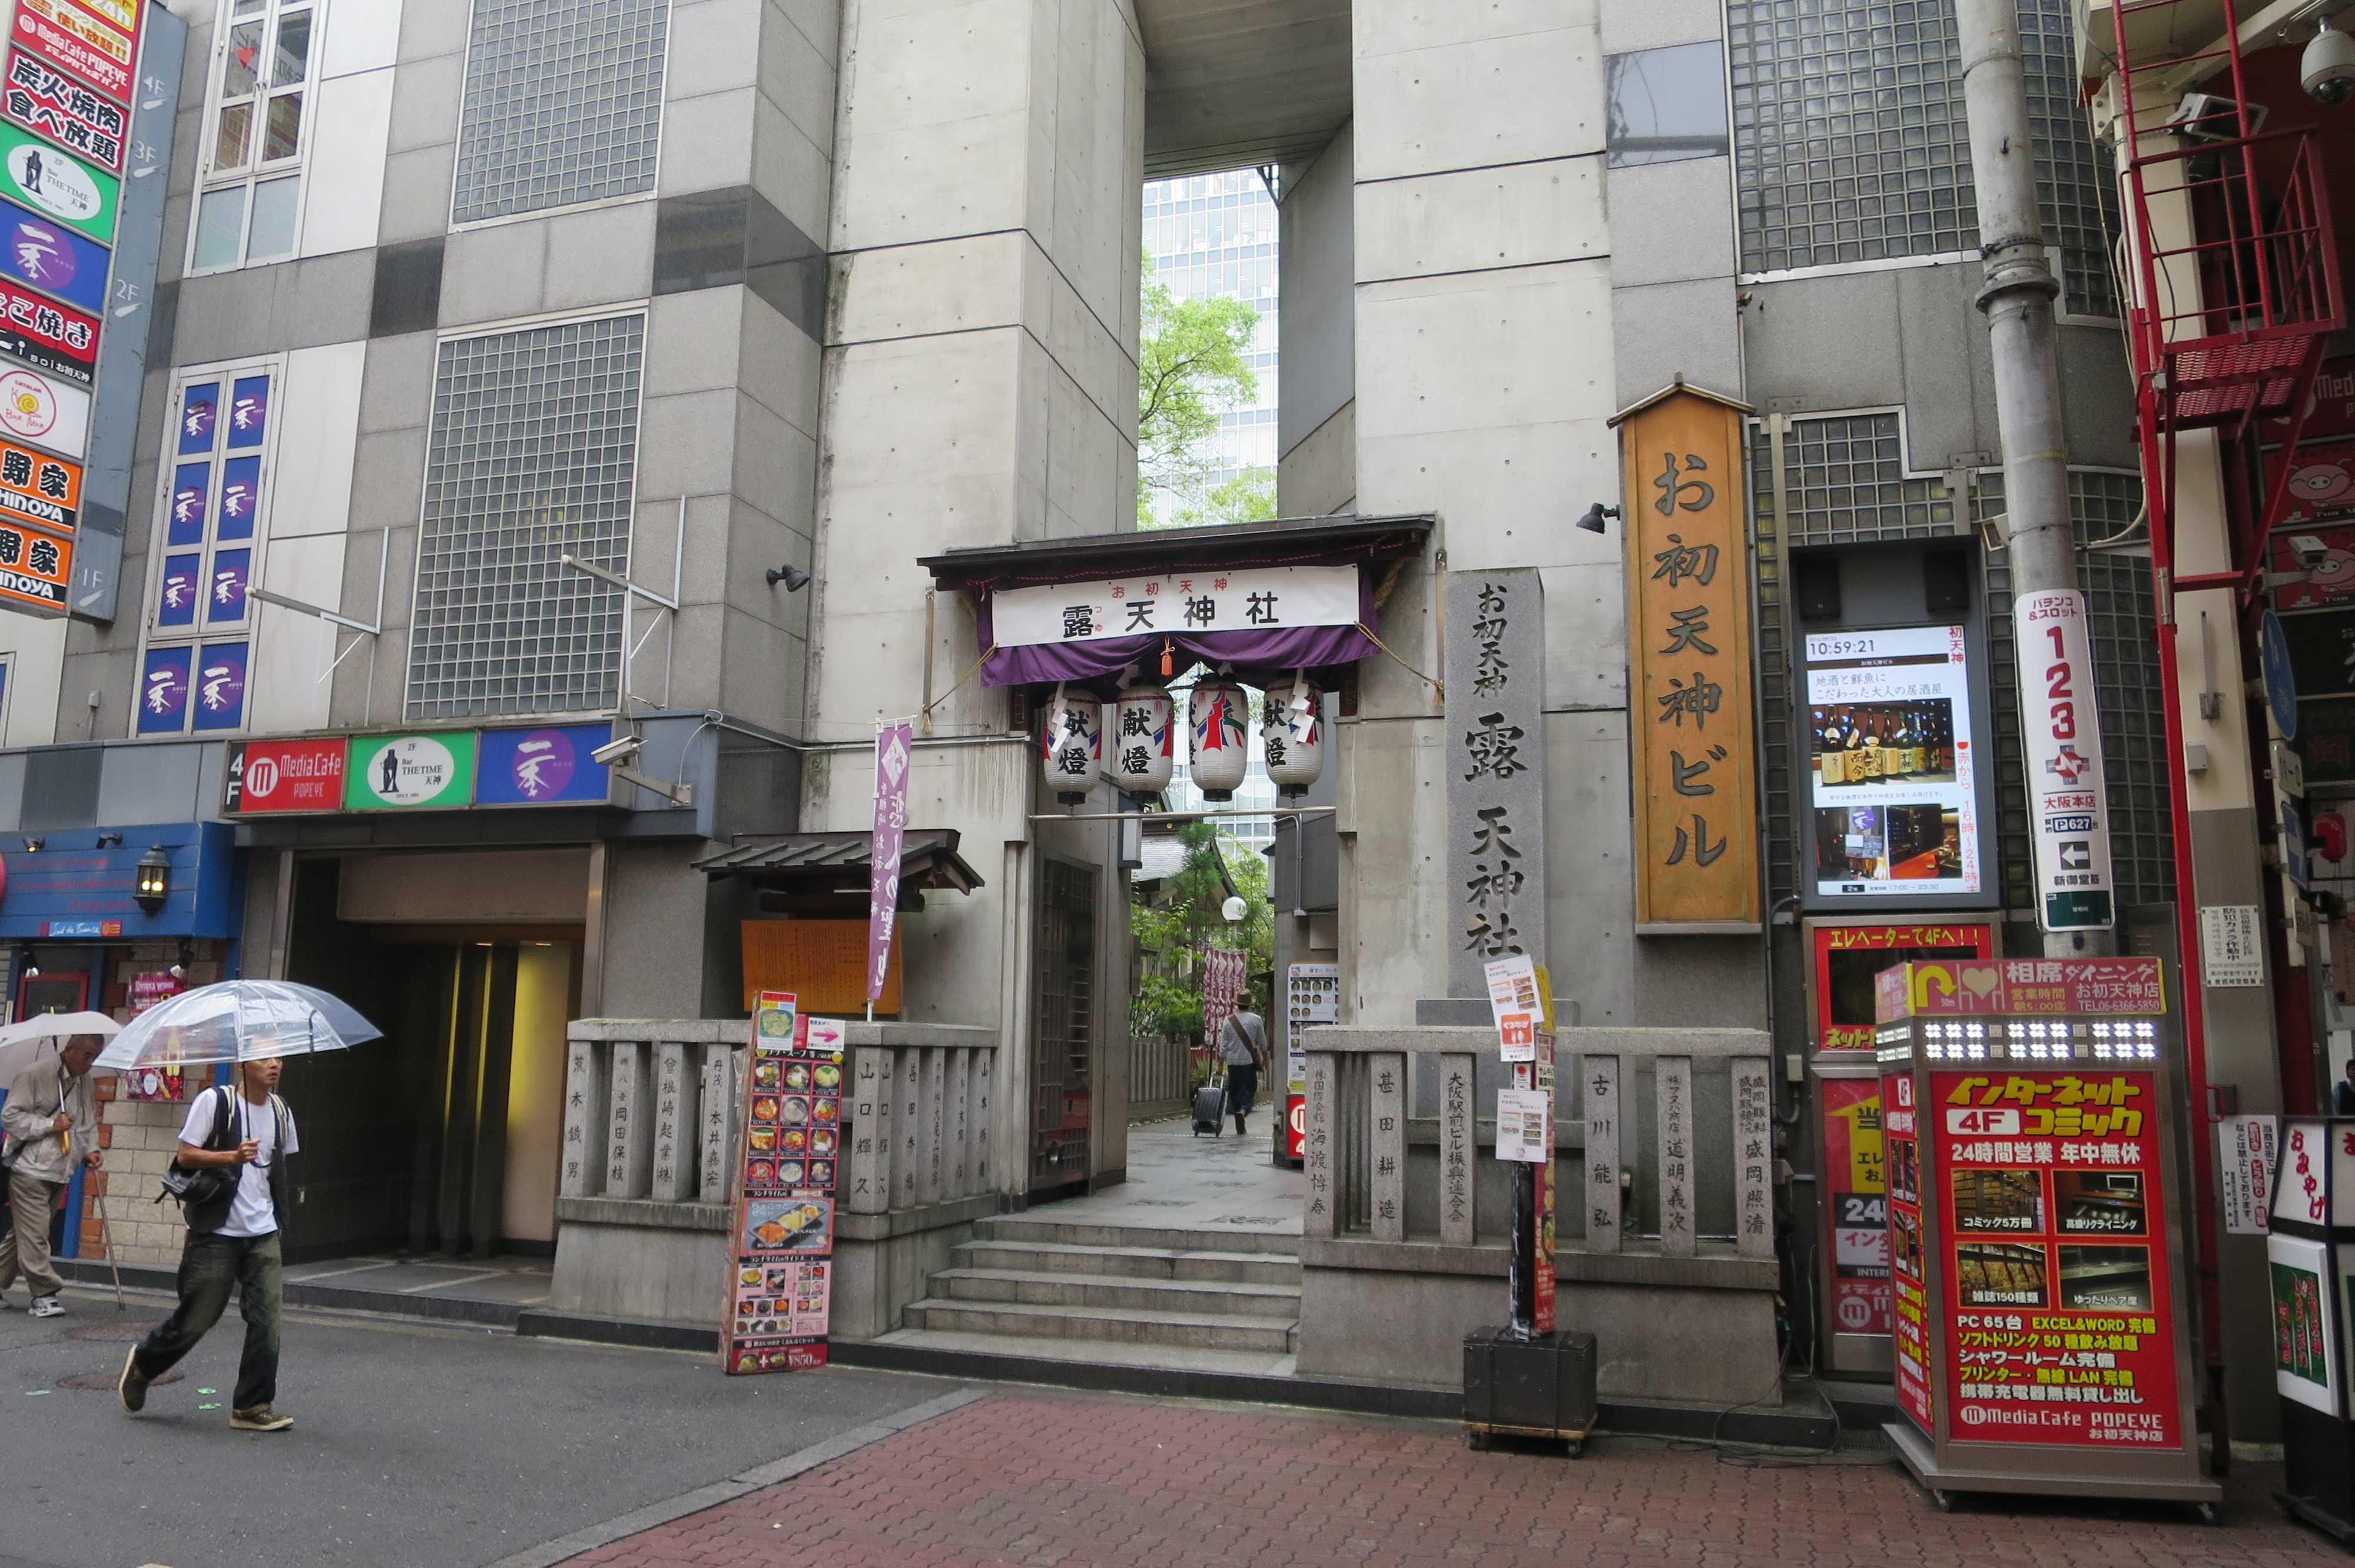 お初天神ビルの裂け目のお初天神(露天神社)への入口